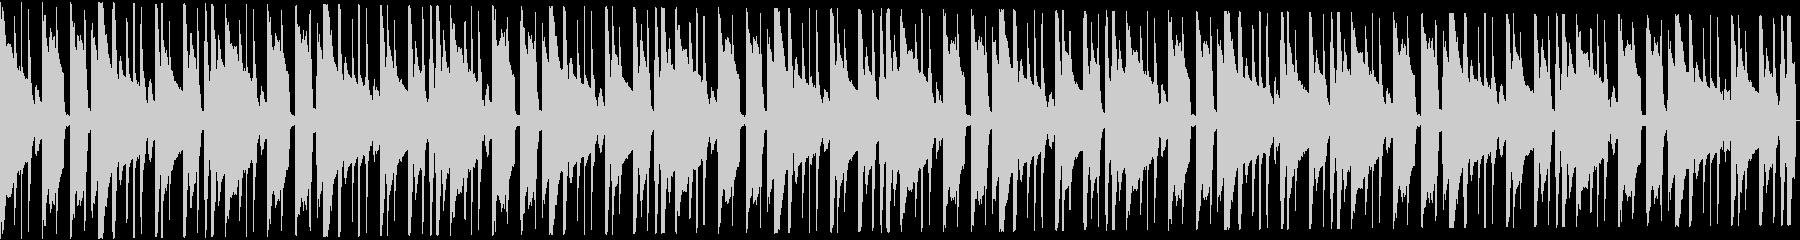 トロピカルなトラップビート16小節の未再生の波形